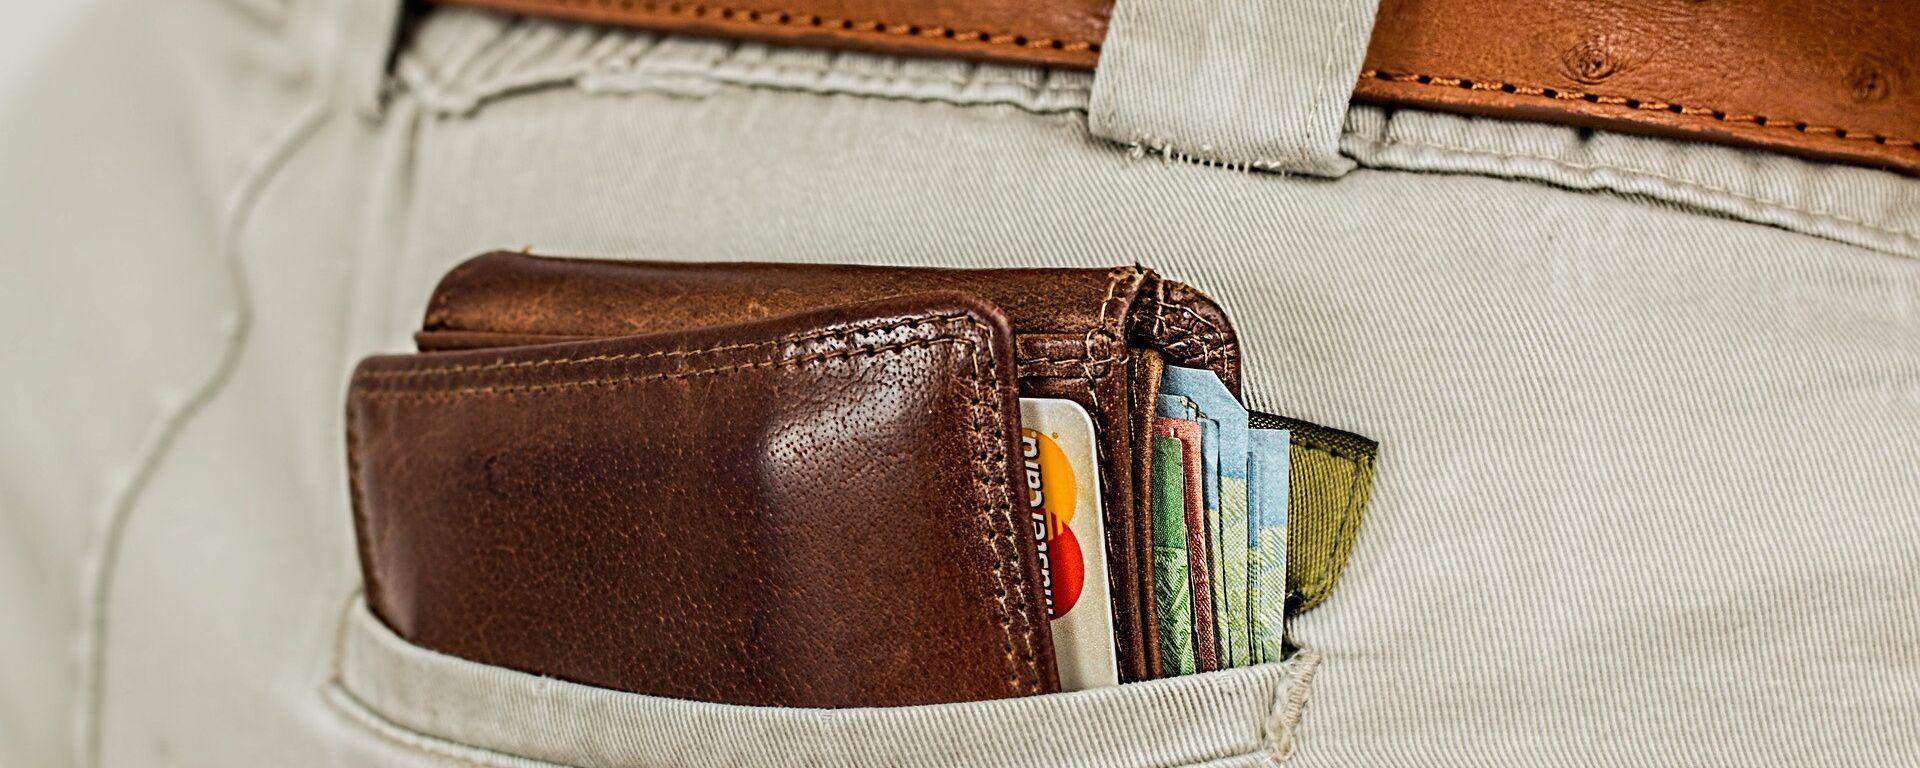 Портмоне с кредитными картами в кармане - Sputnik Латвия, 1920, 01.06.2021